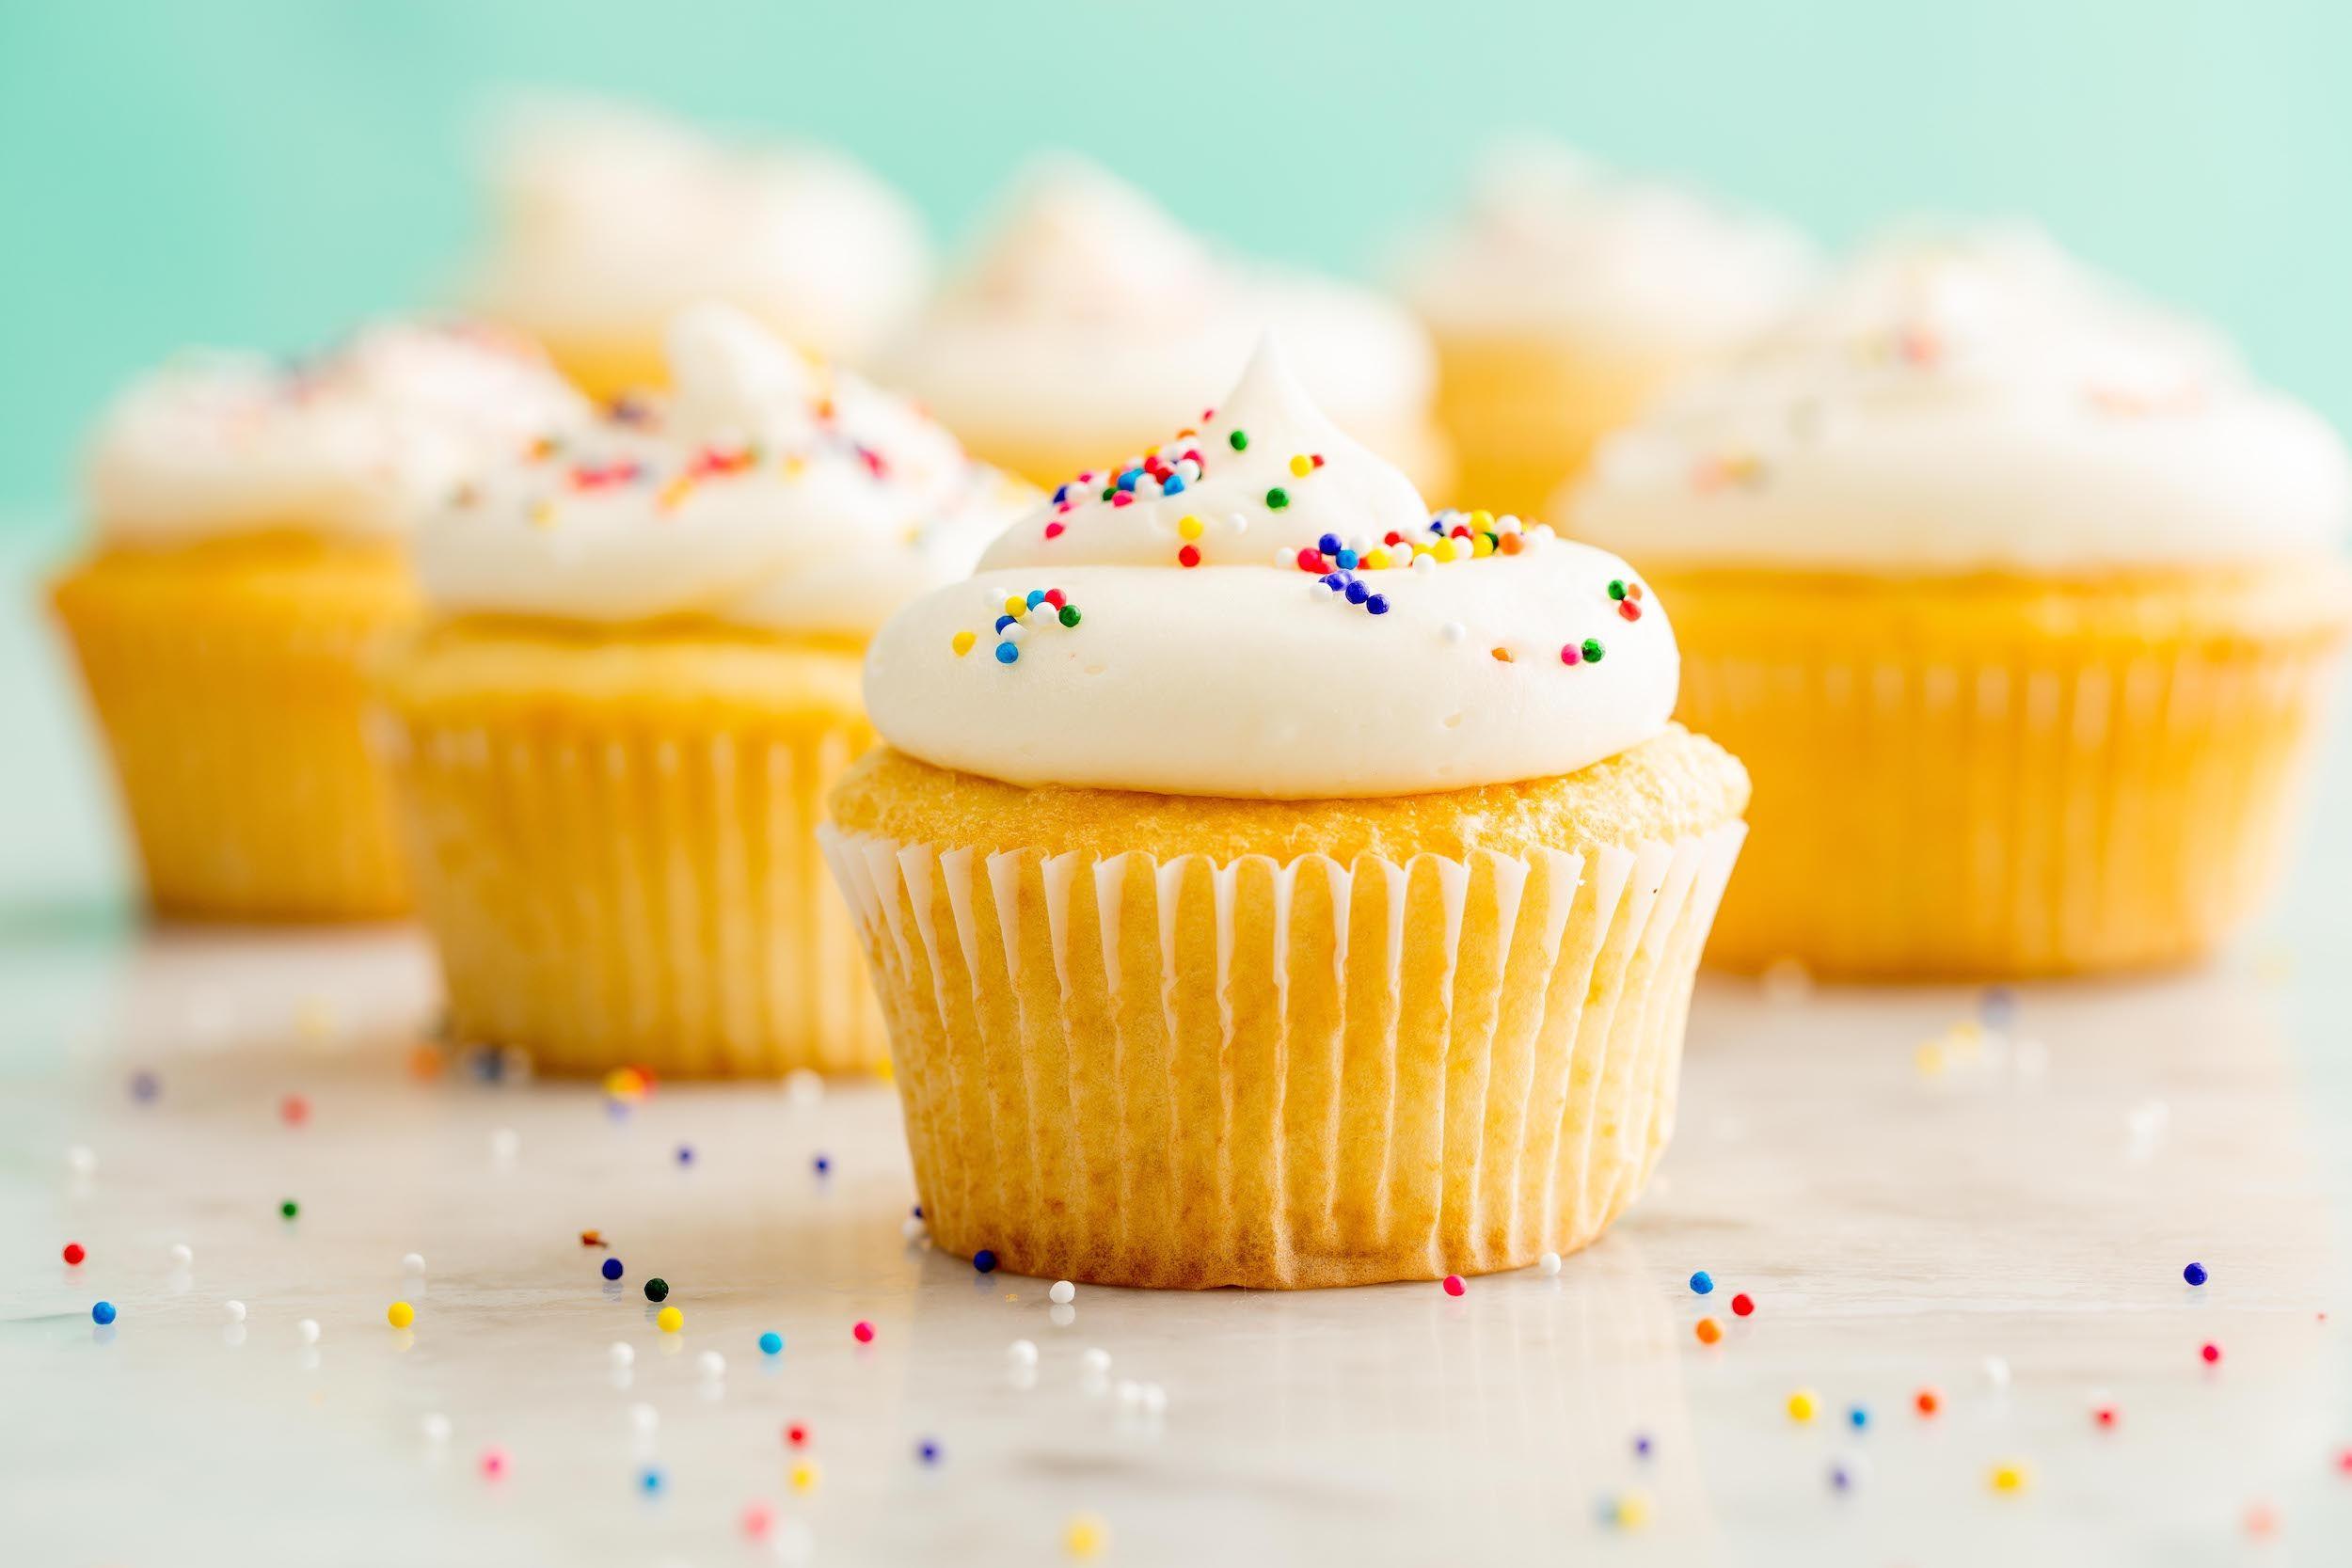 1518475314-vanilla-cupcake-horizontal-.jpg?